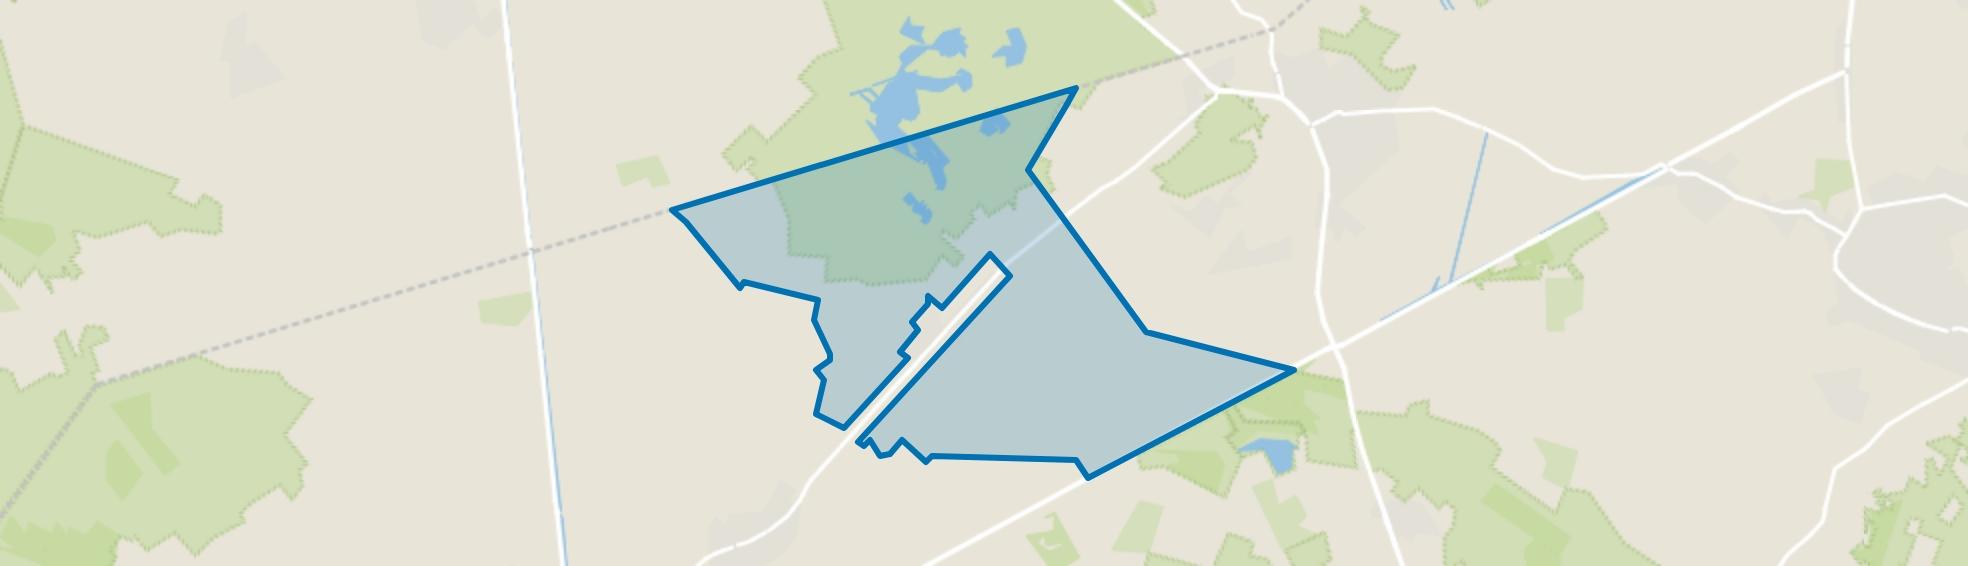 Moostdijk-Kruisvennendijk, Ospel map